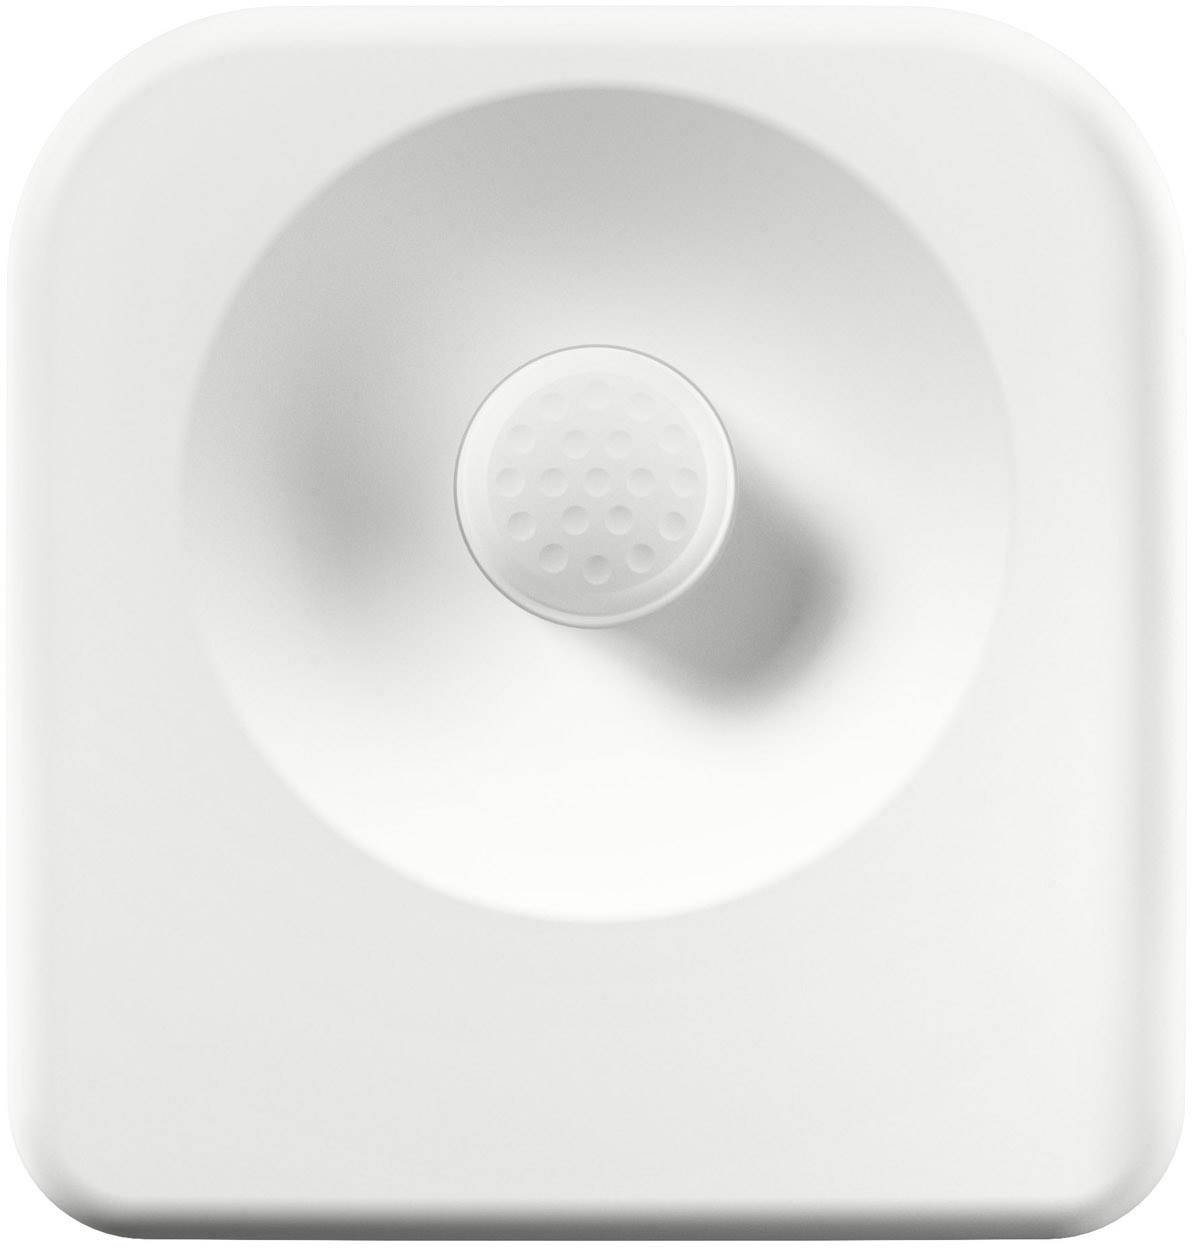 Bezdrátový detektor pohybu LEDVANCE Lightify Motion Sensor